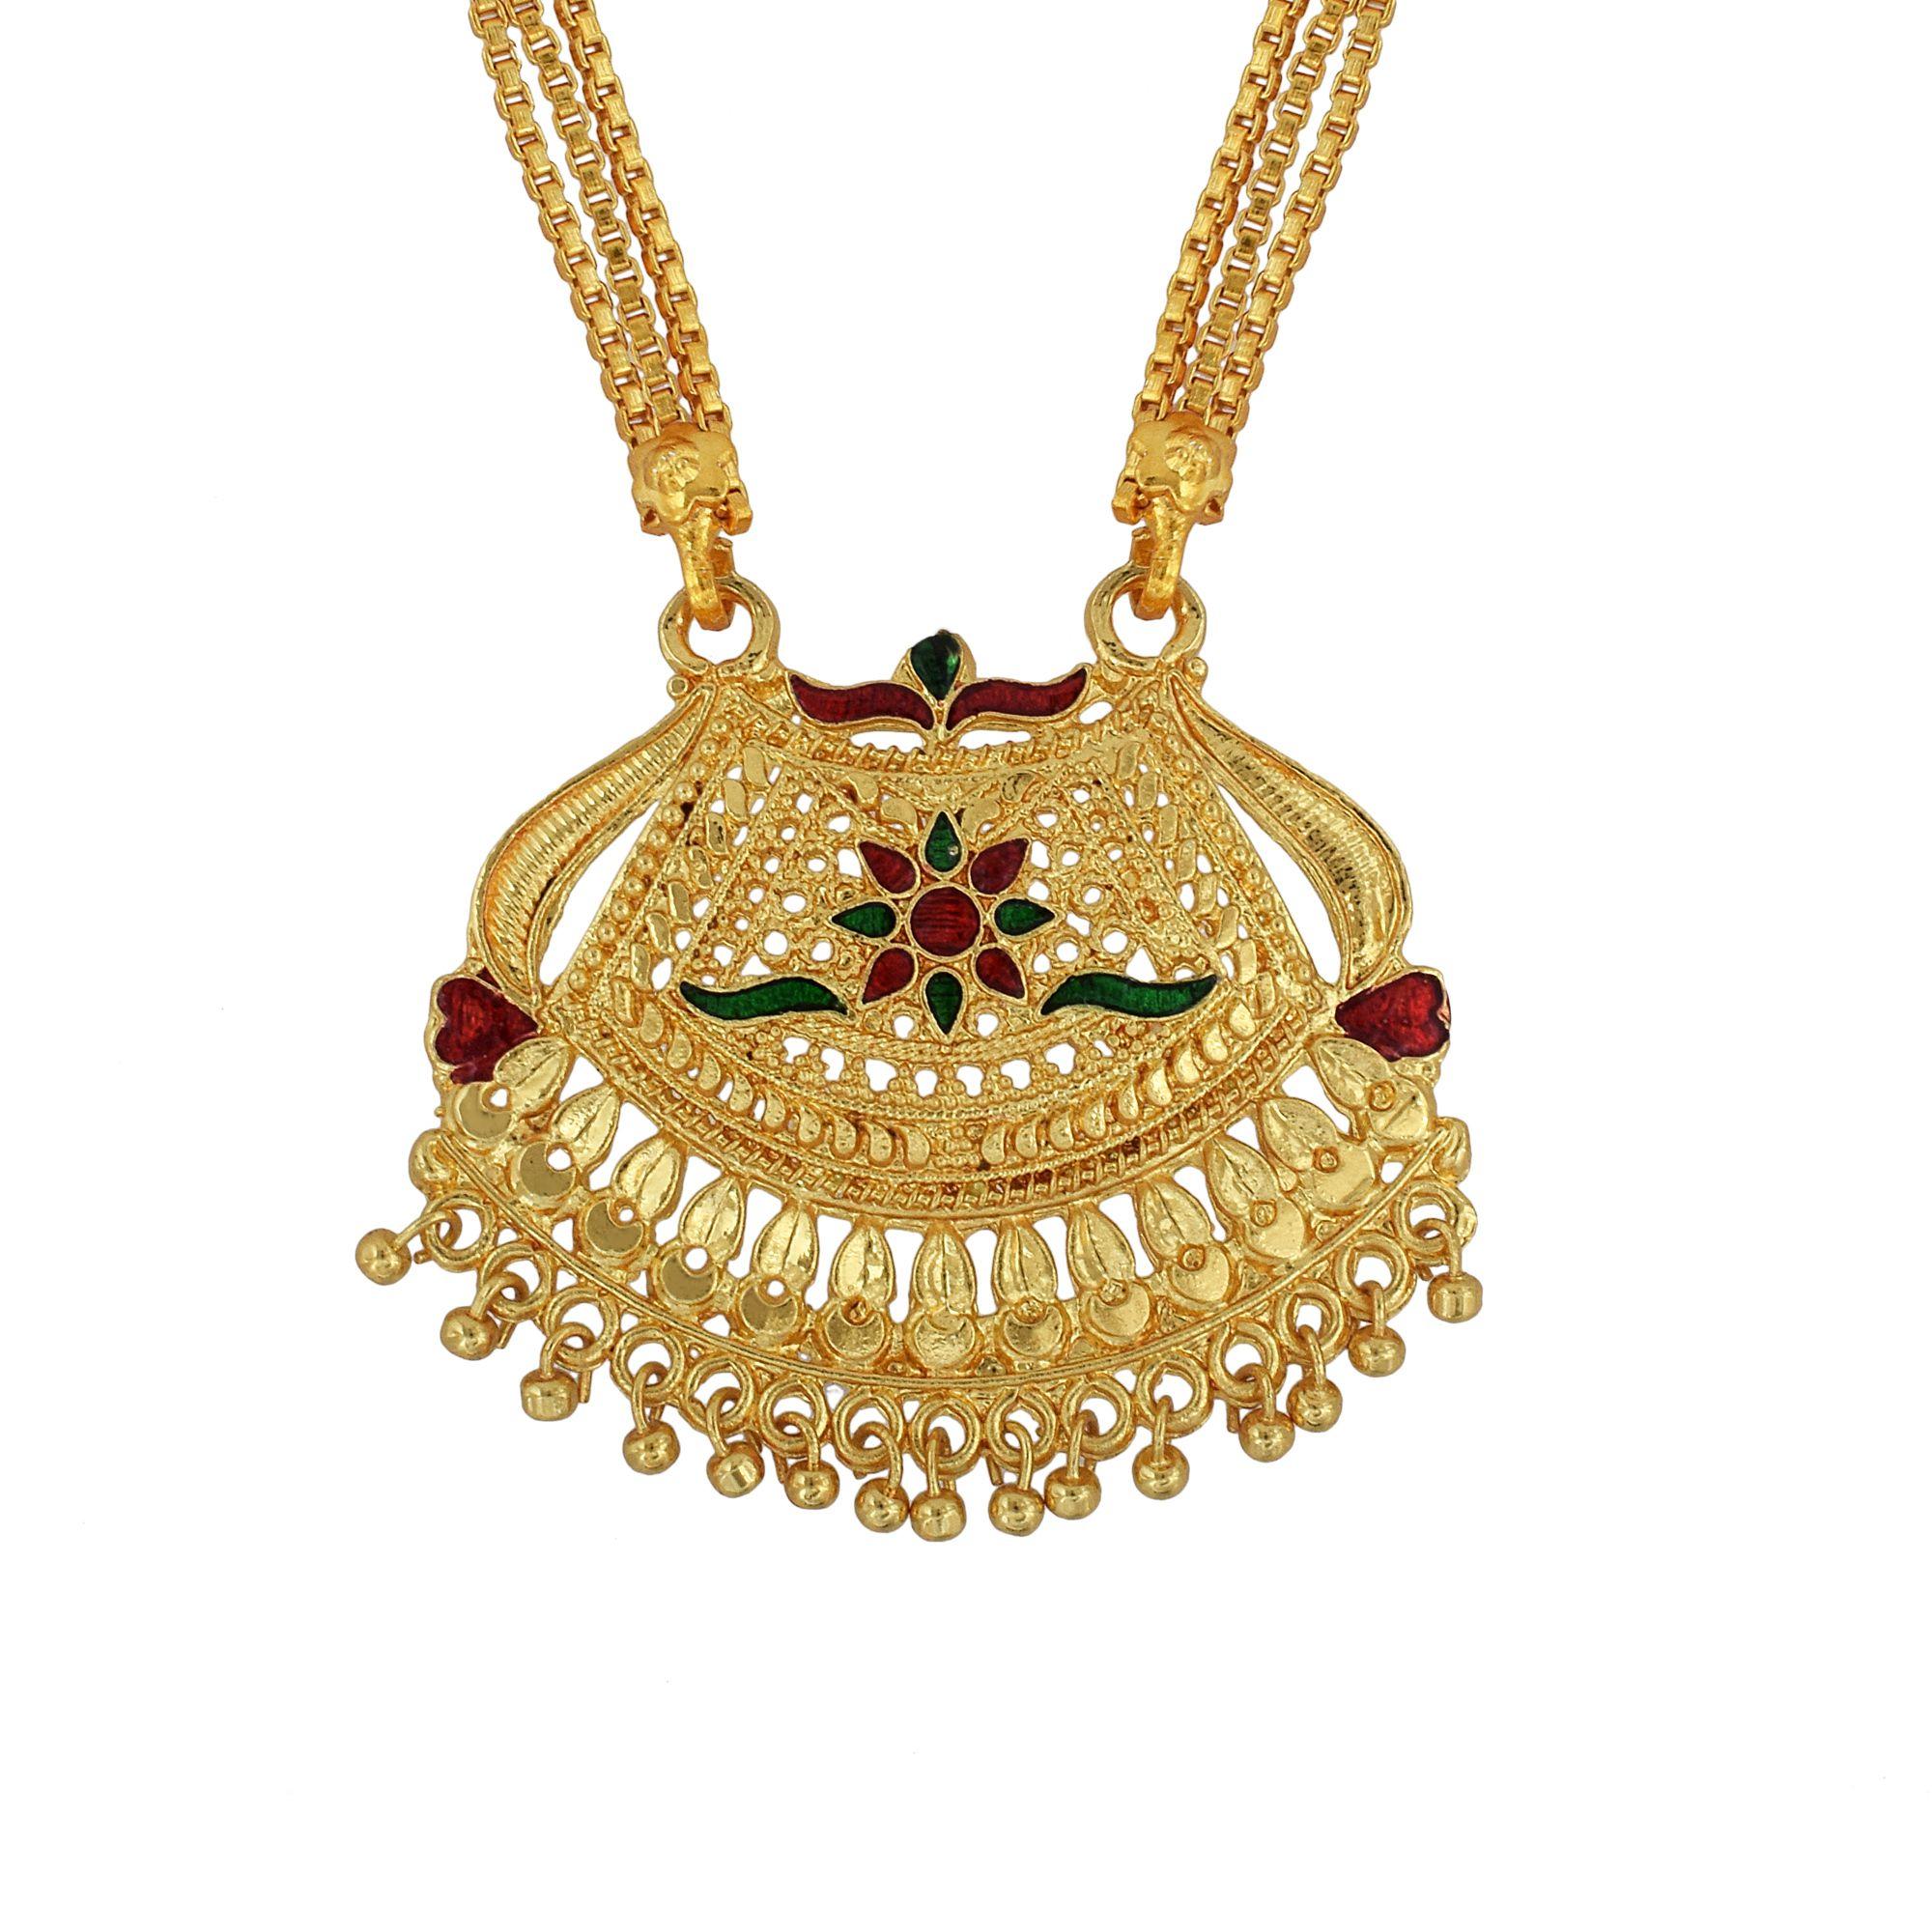 Dzine Trendz Gold plated brass, Meenakari Ethnic Handmade Mangalsutra Women Tradtional